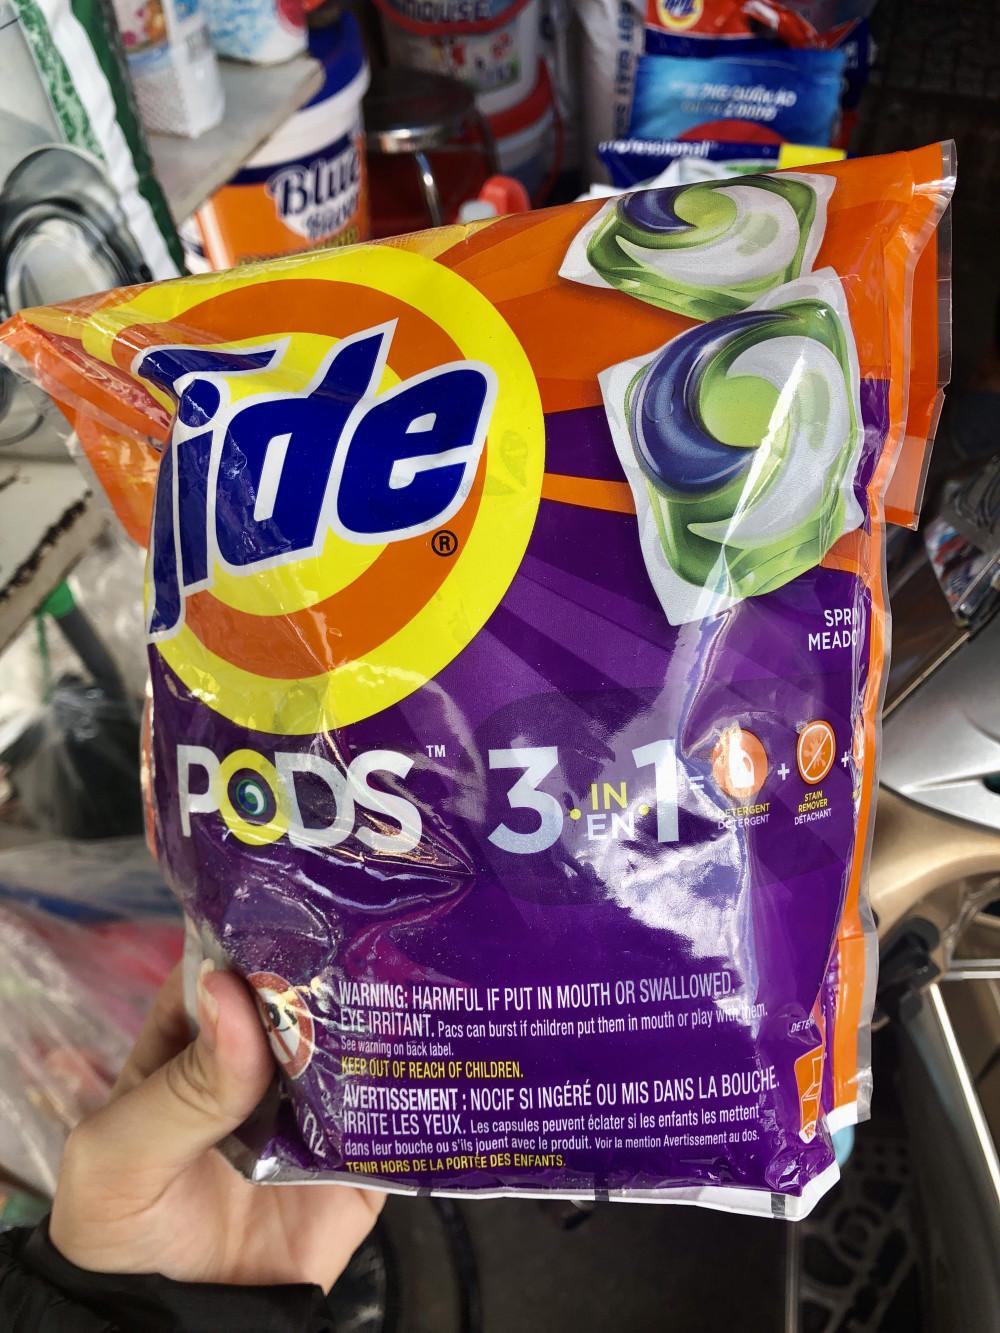 1 túi như hình có 42 gói với giá 270.000đ. Đặc biệt, viên nước giặt giới thiệu từ Mỹ cũng không hiện thông tin khi tra mã vạch.